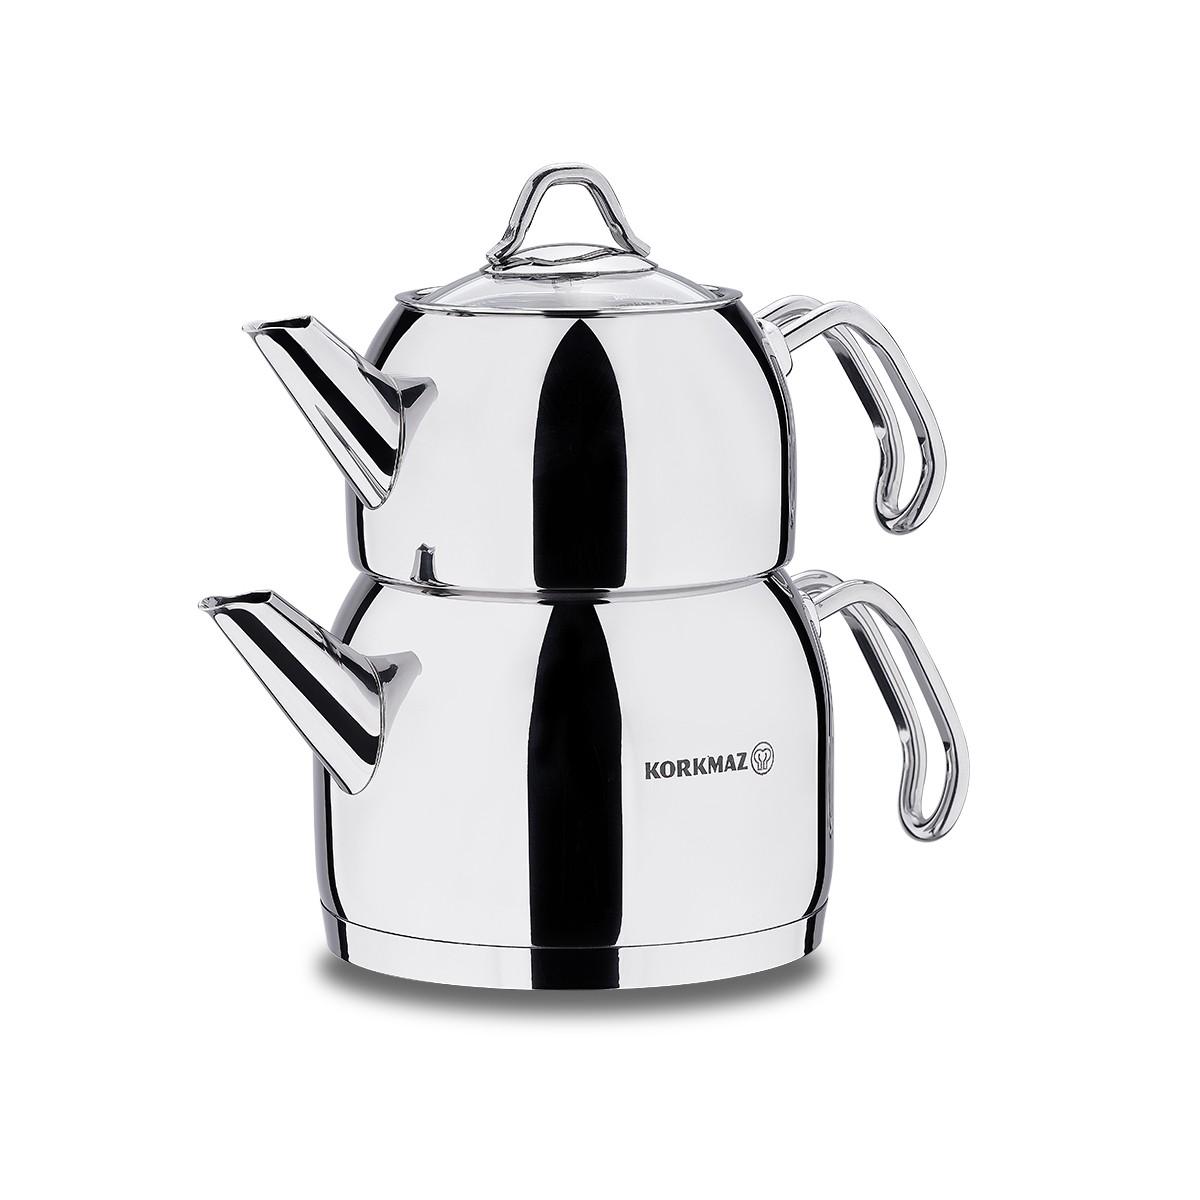 کتری و قوری کرکماز مدل Provita A101 - Korkmaz Provita A 101 Kettle and Teapot